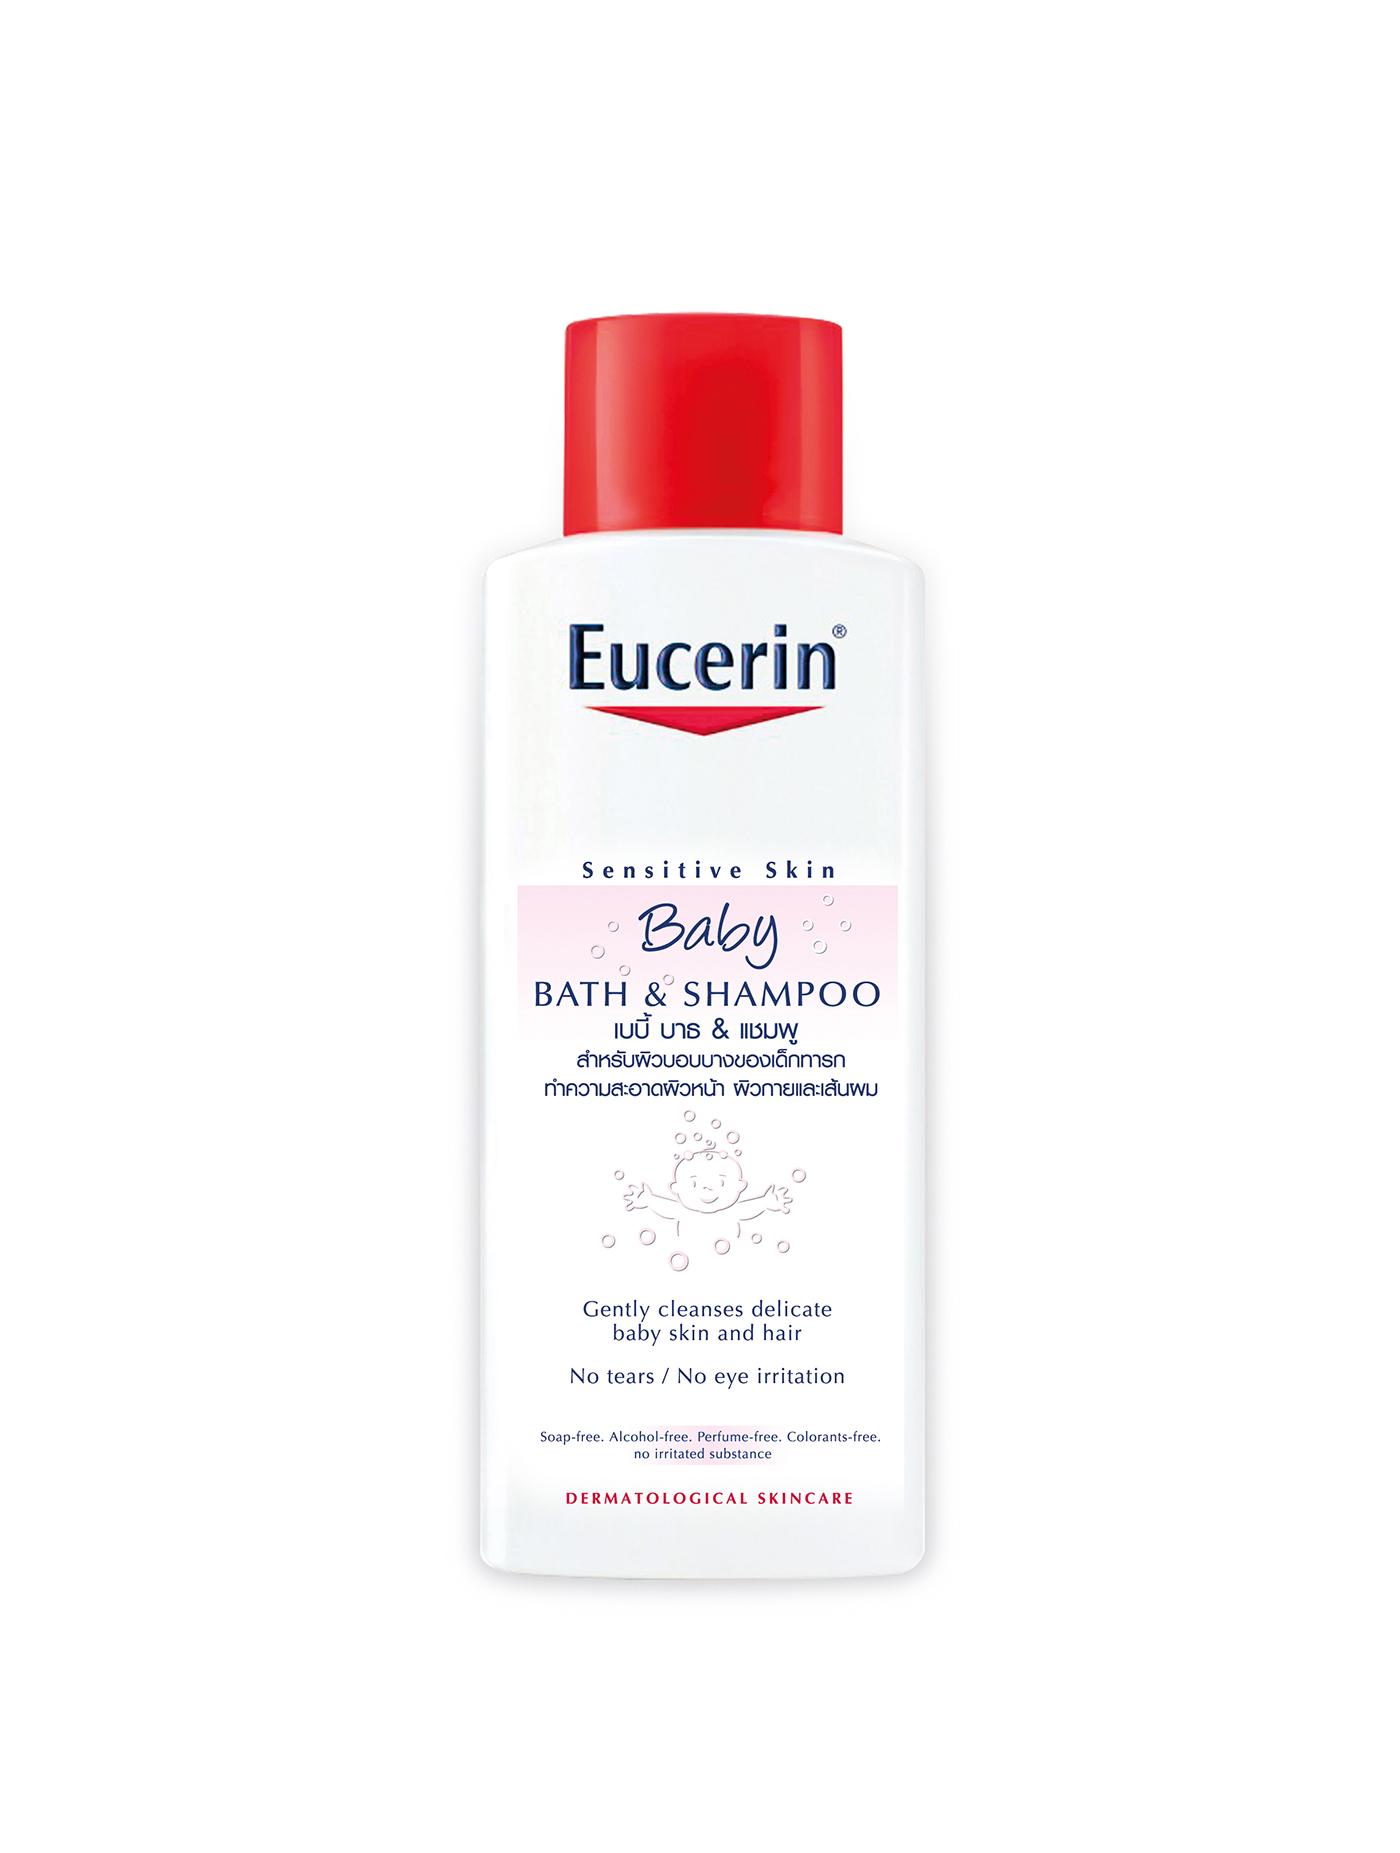 ผลิตภัณฑ์ทำความสะอาดผิวและเส้นผมสำหรับเด็ก Eucerin ขนาด 250 มล.